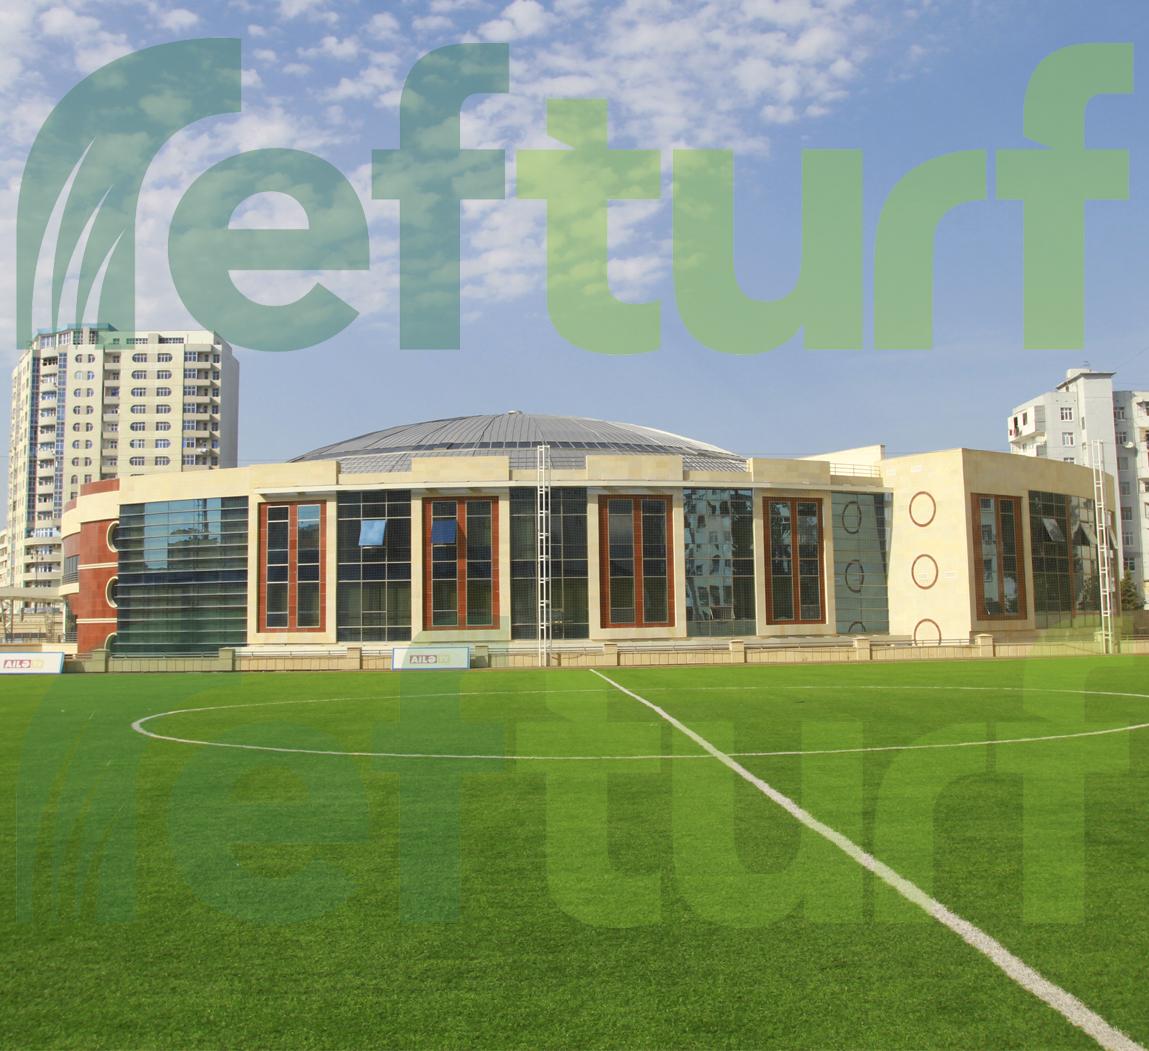 spor tesisi, spor tesisi yapımı, türk yapımı inşaat işleri, spor tesisi inşaat